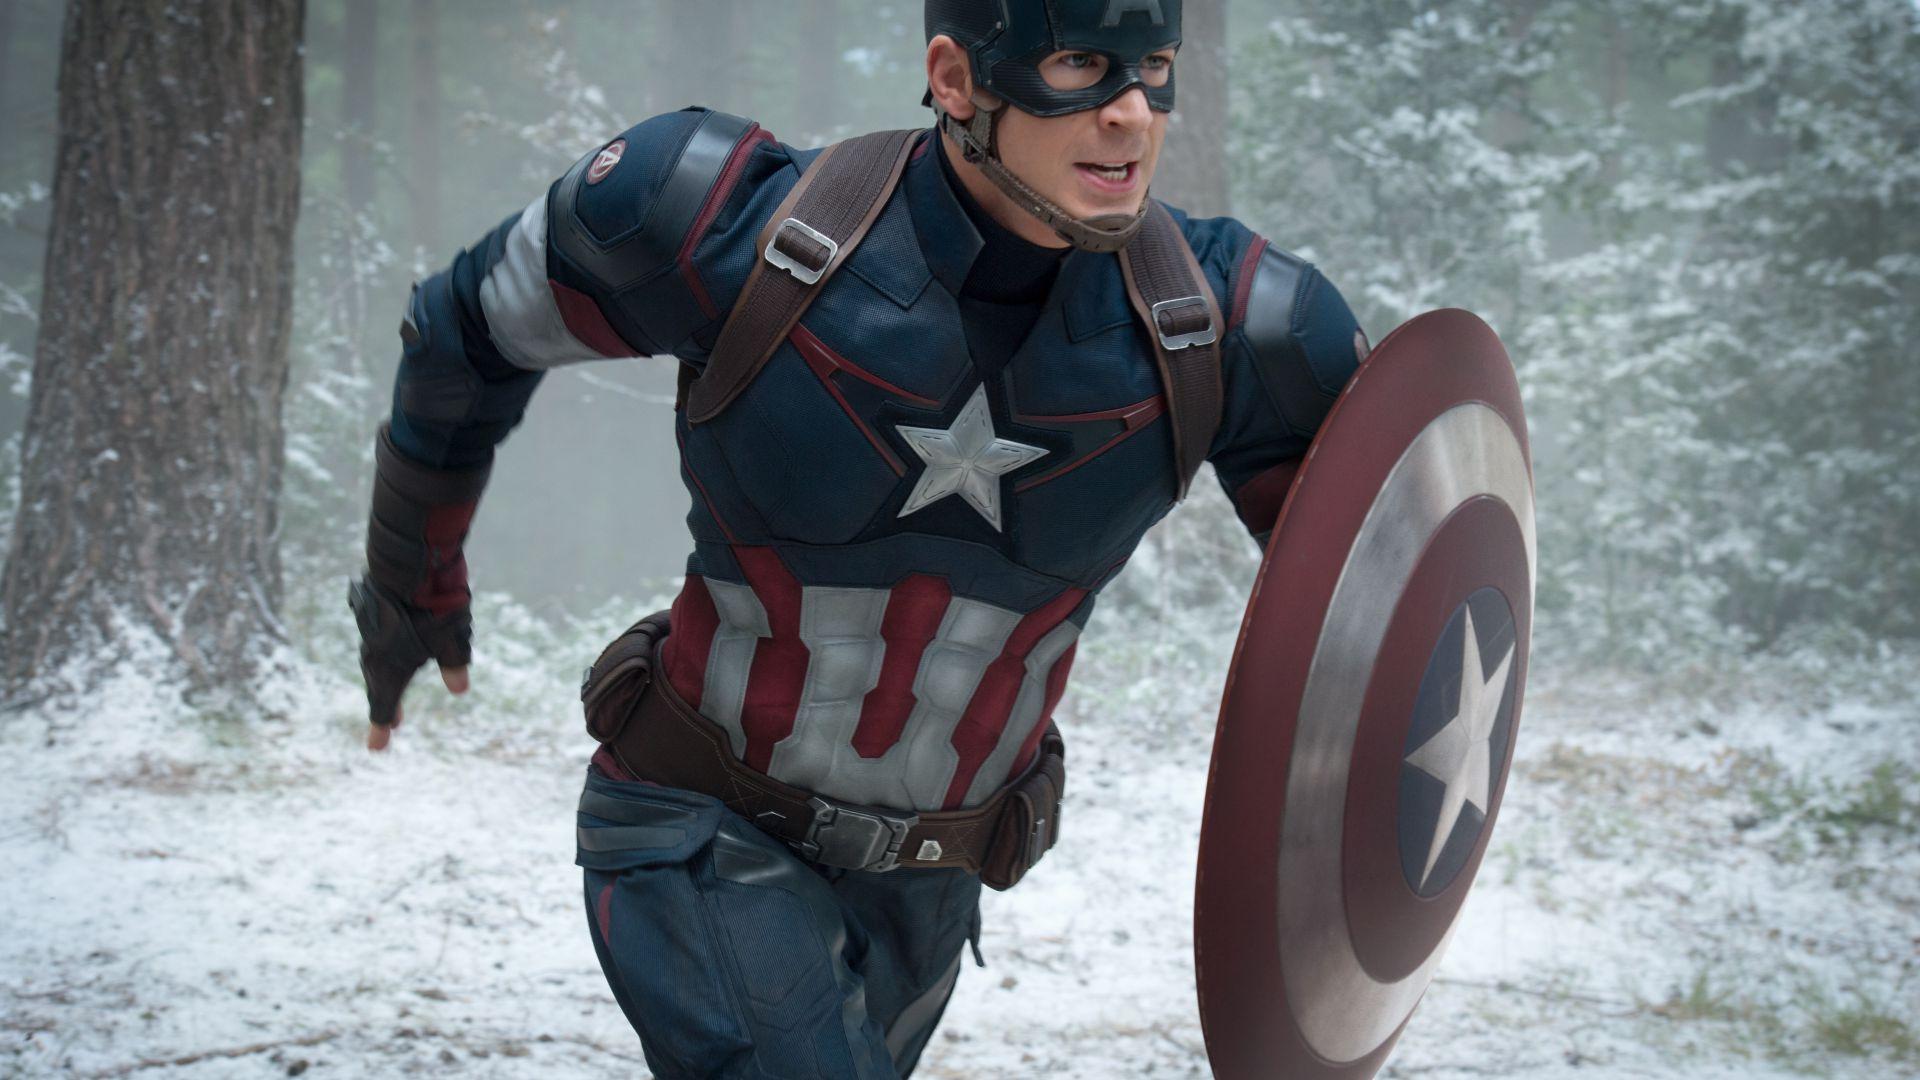 Самым прибыльным актером назван Крис Эванс, сыгравший Капитана Америки